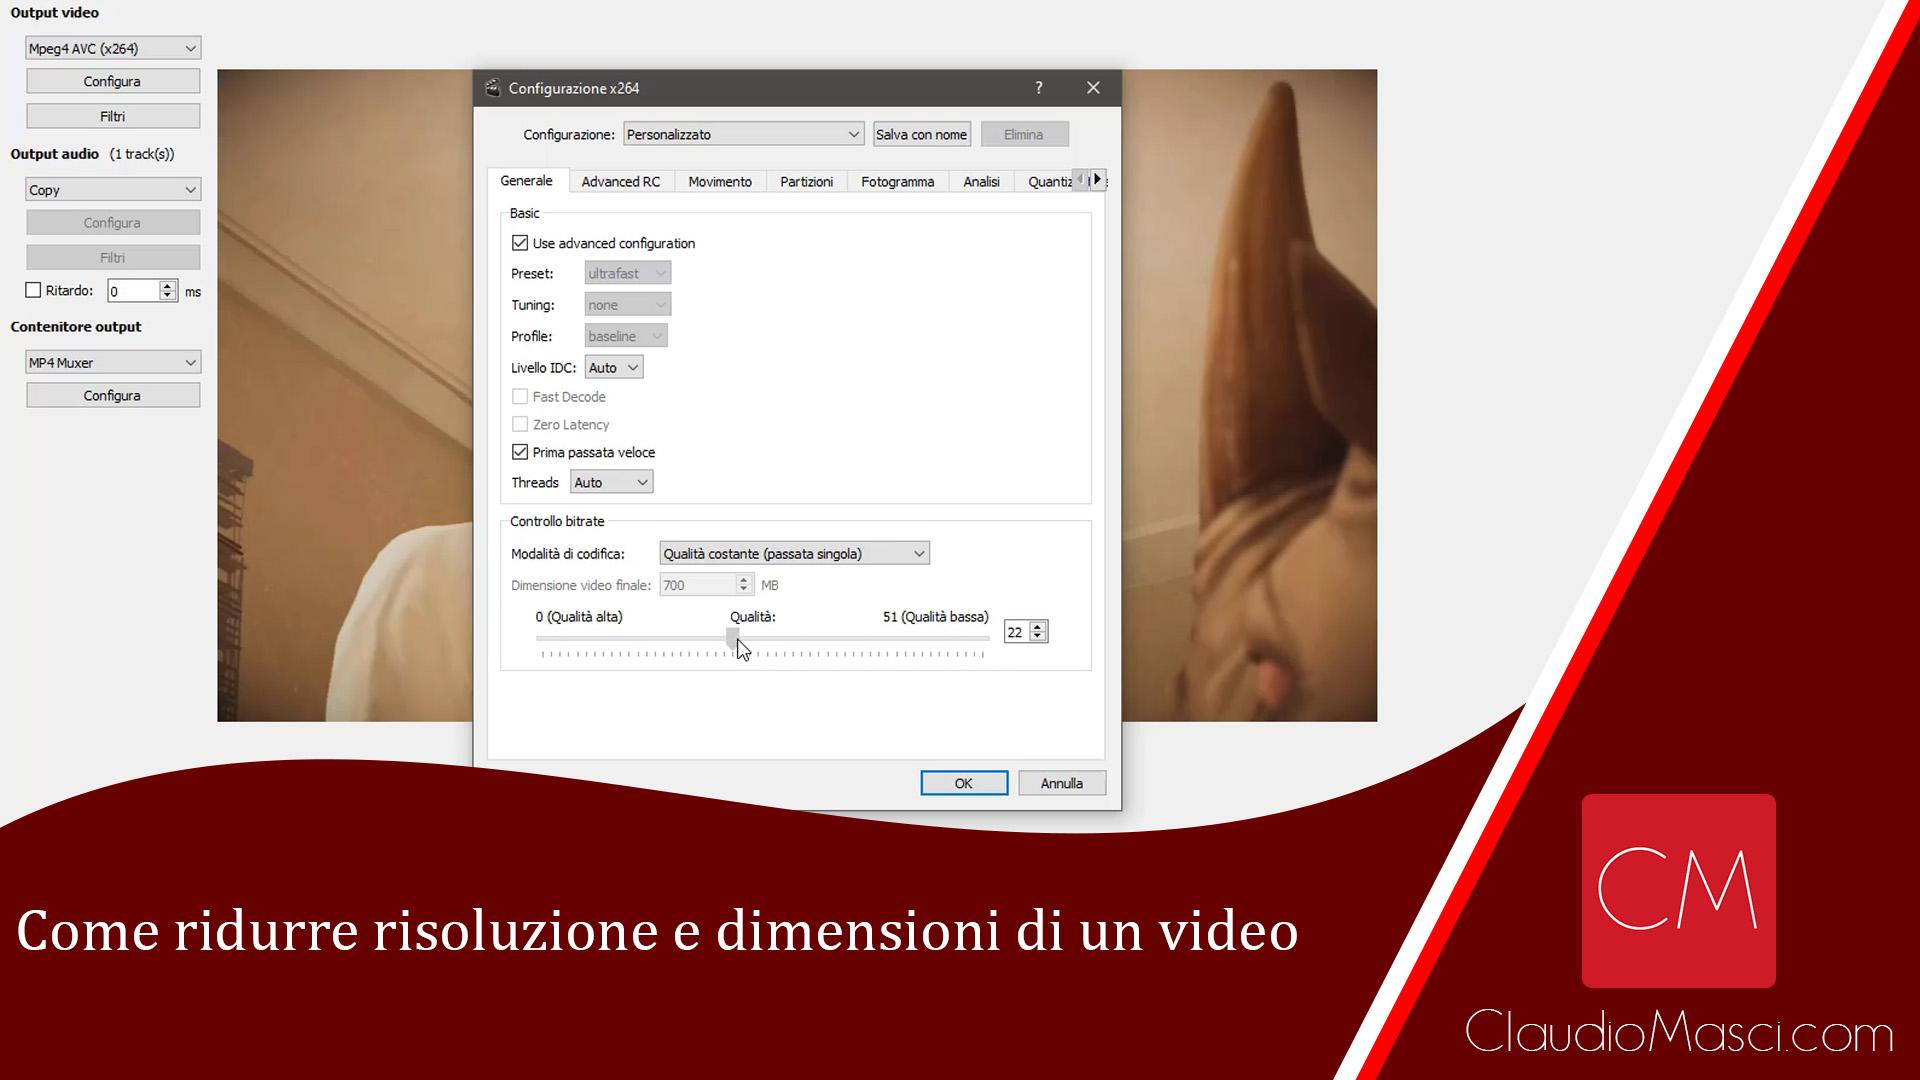 Come ridurre risoluzione e dimensioni di un file video